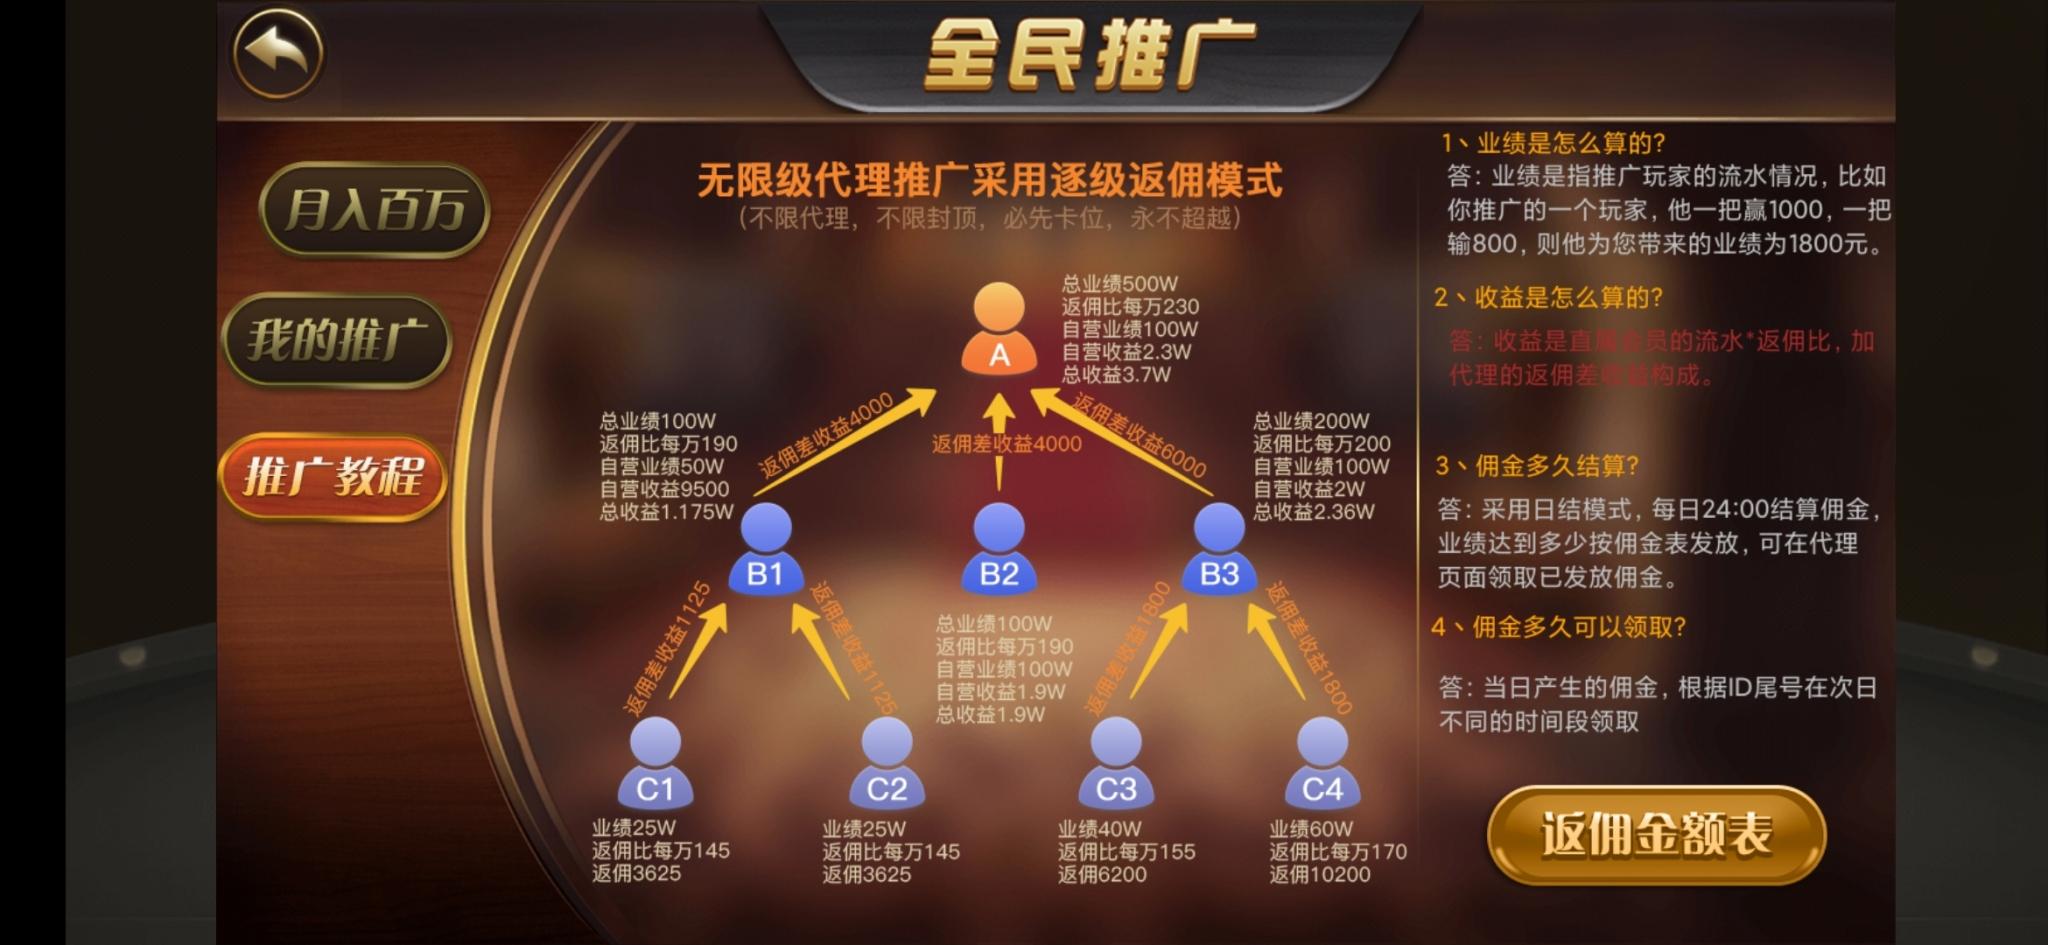 最新【万利太阳城游戏源码】修复编译失败问题APP双端代理推广系统新增免签约支付接口-第4张